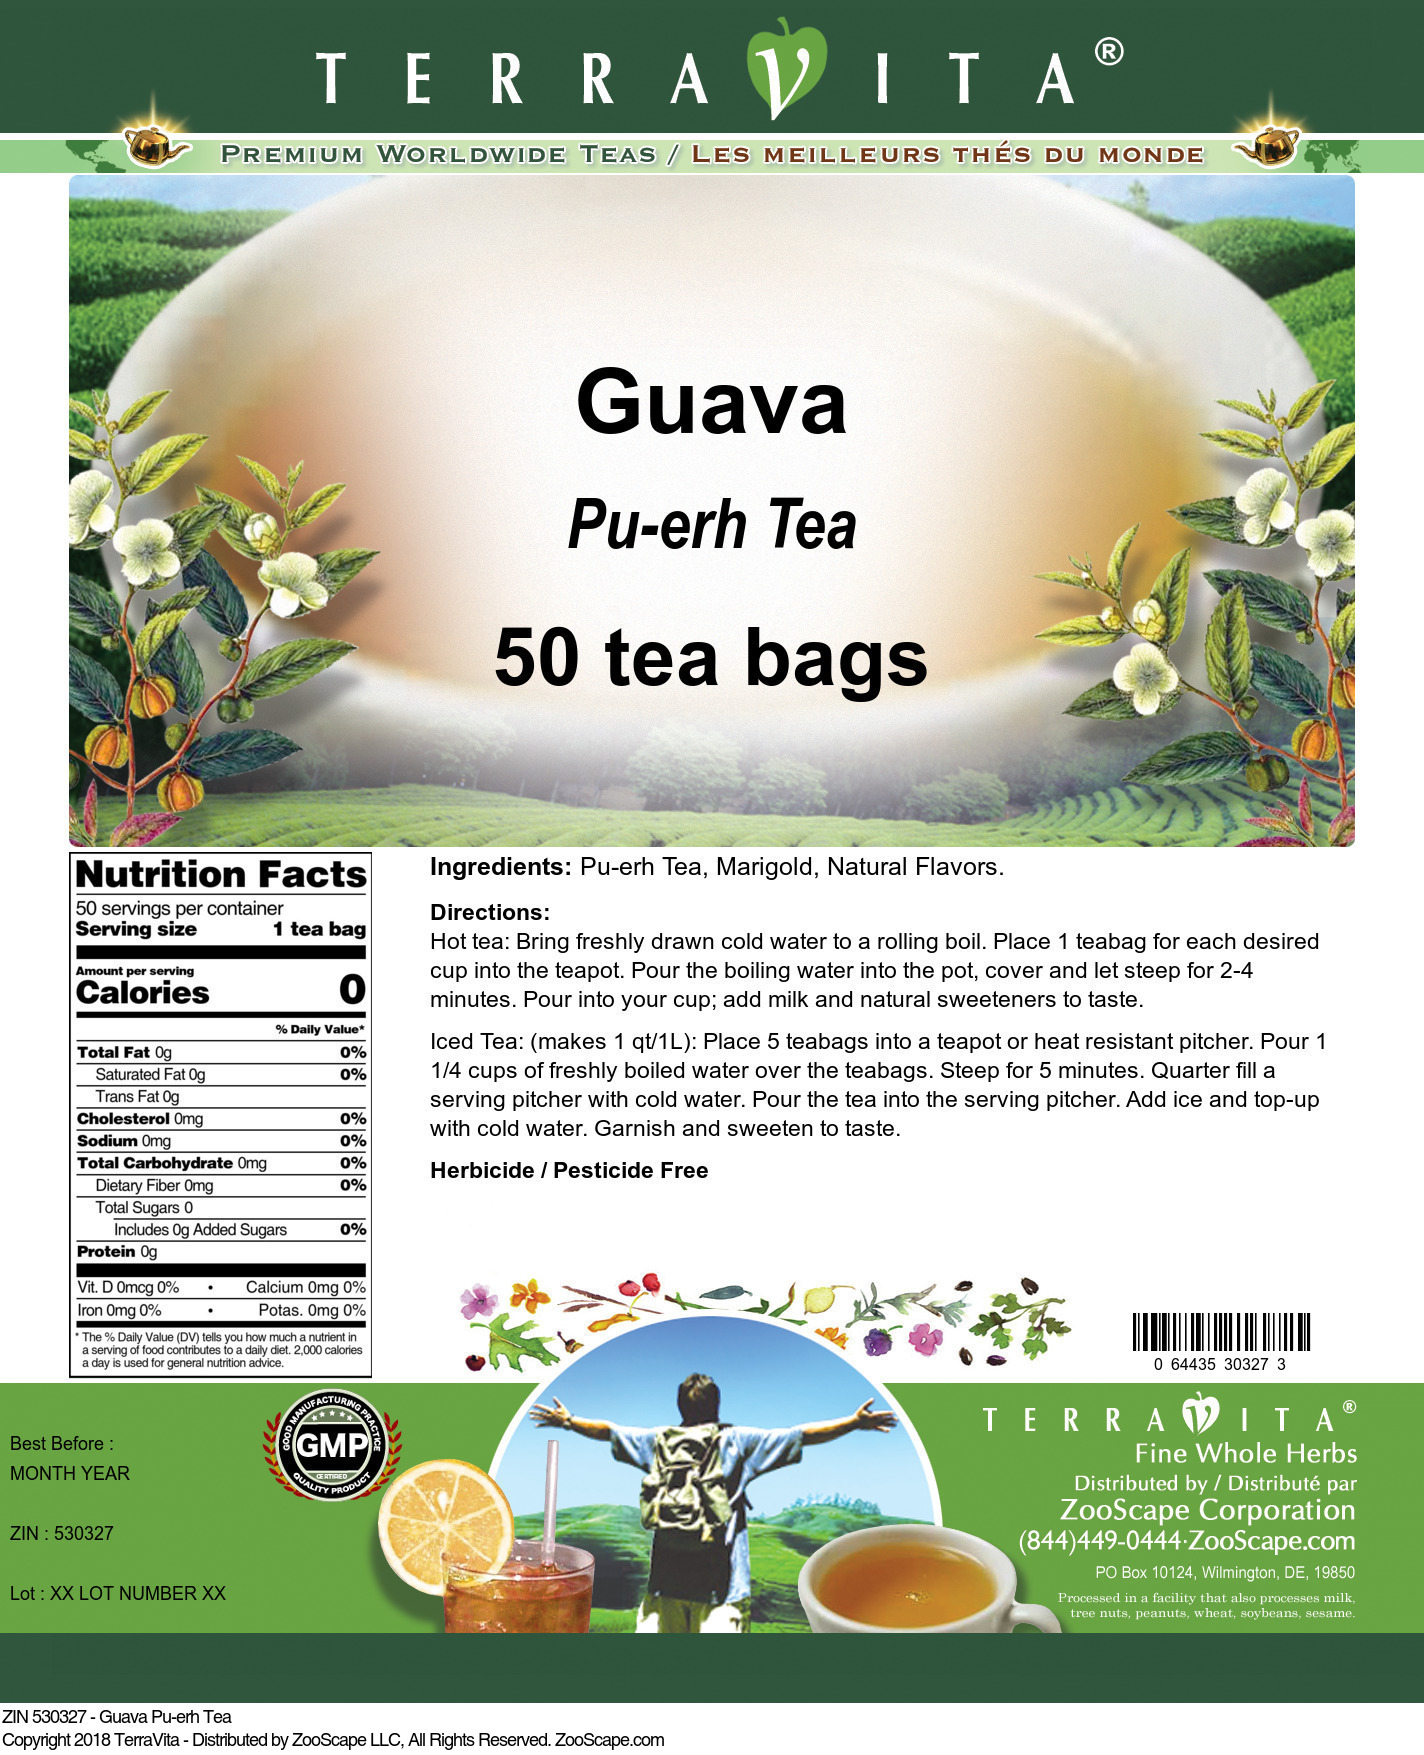 Guava Pu-erh Tea